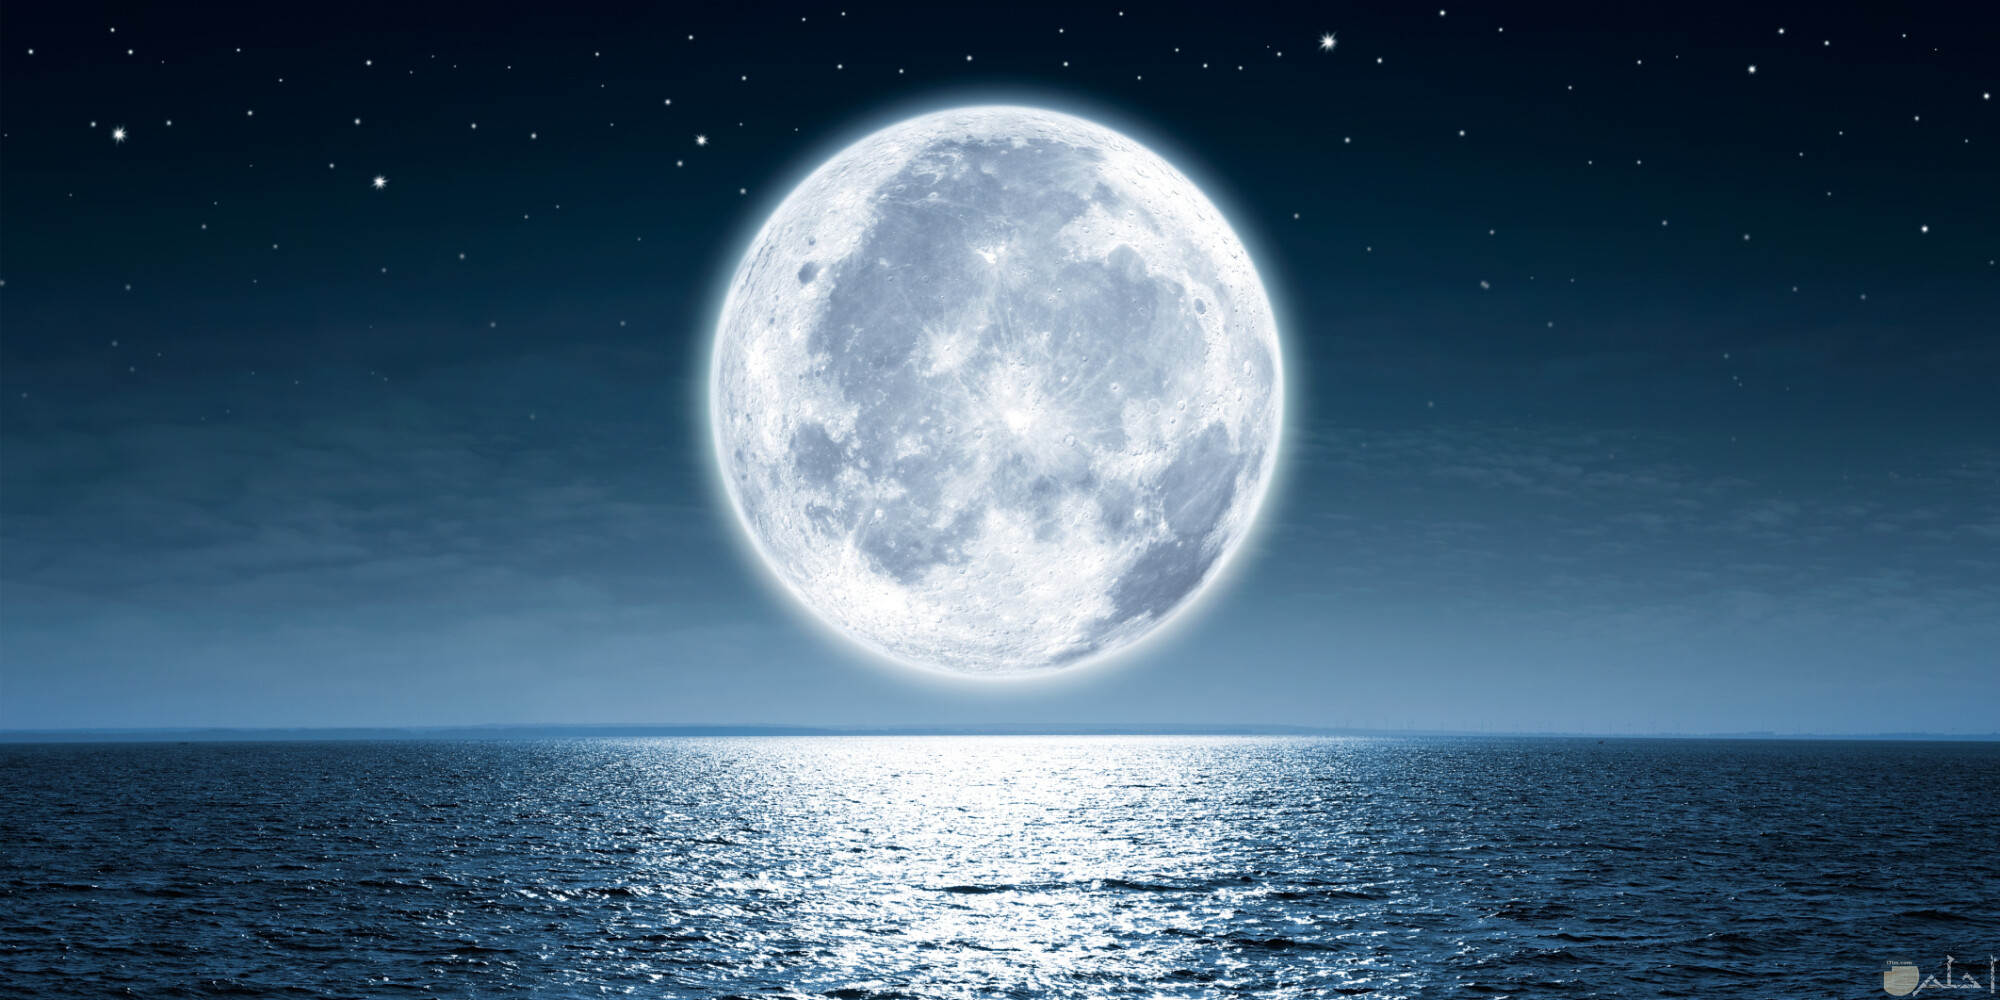 صور للقمر مكتمل شكله.